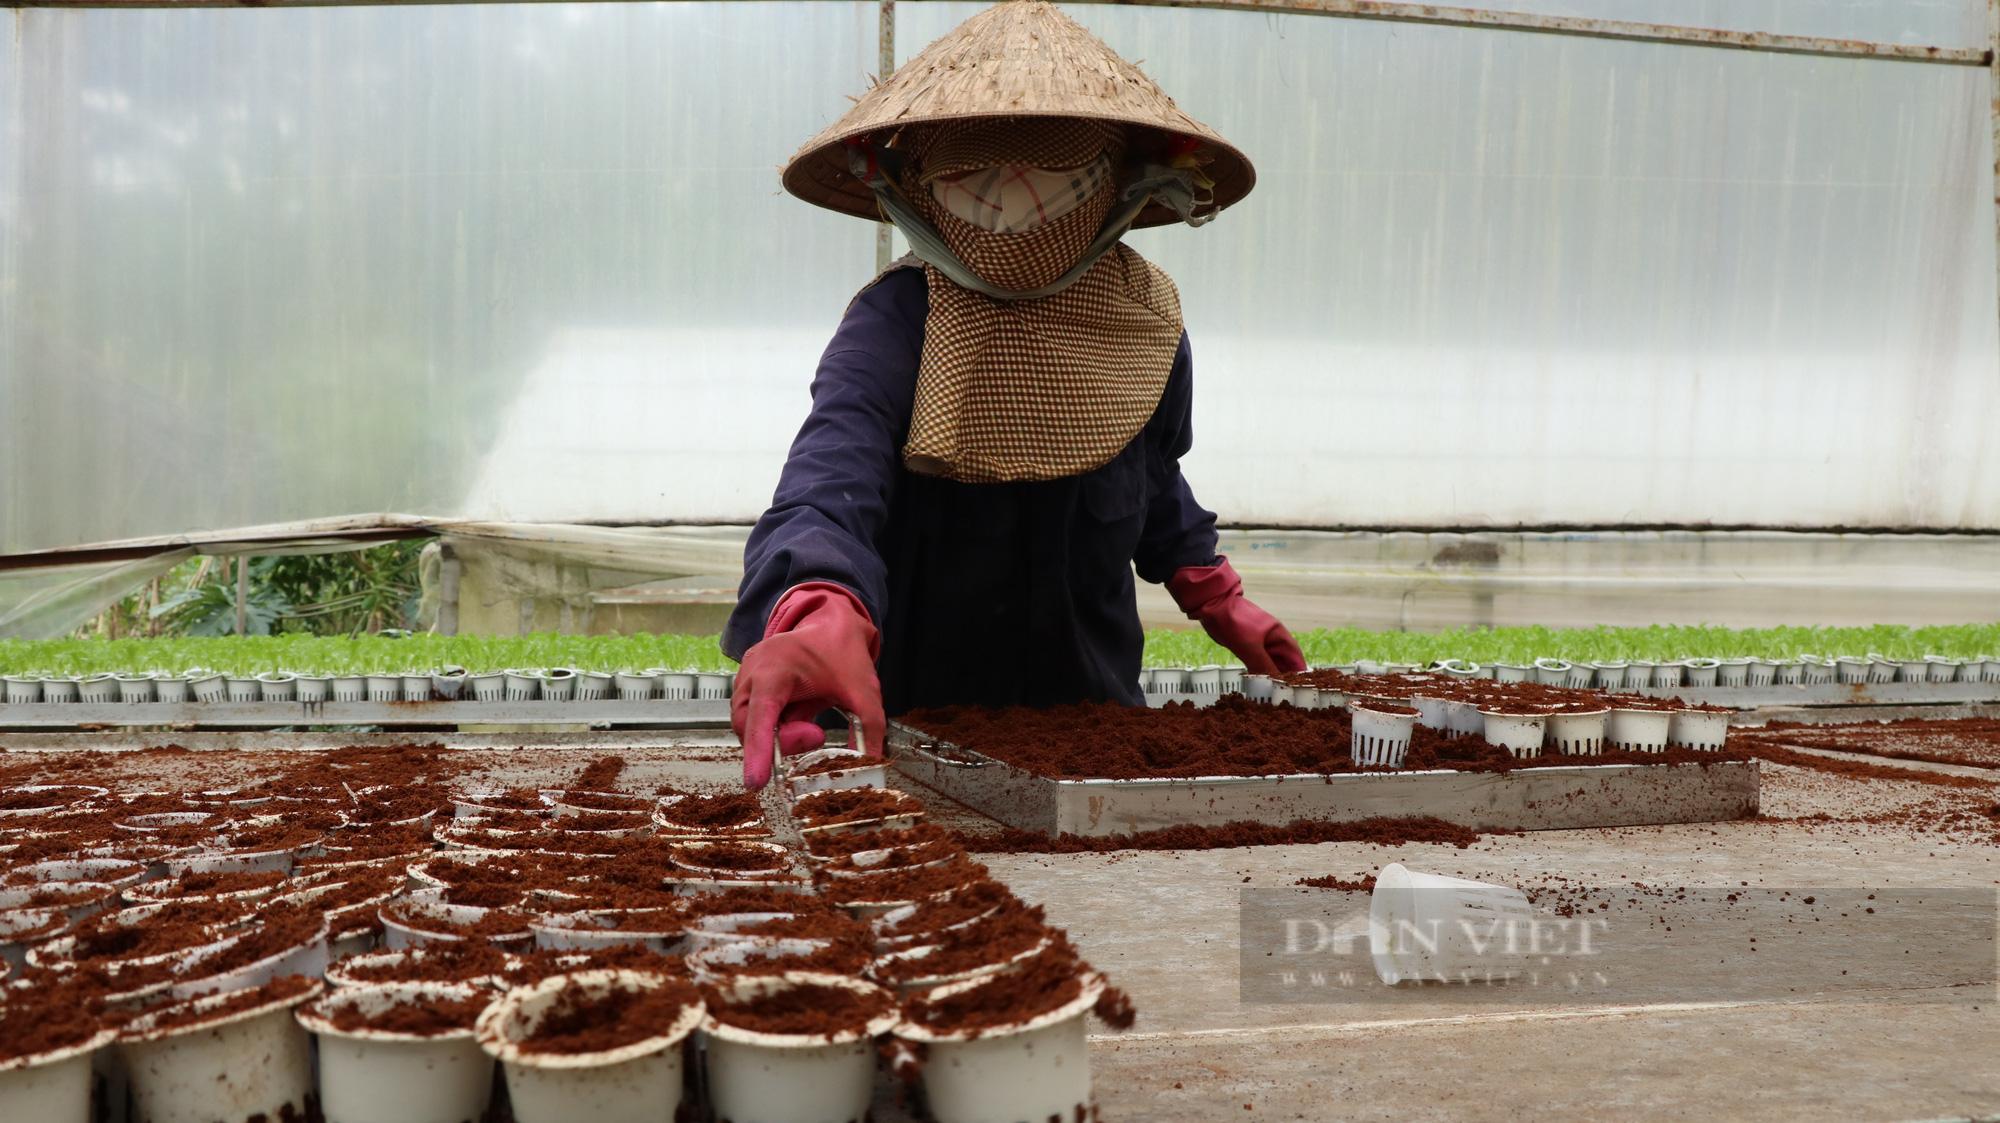 """""""Dũng cao"""" làm nông nghiệp công nghệ cao, xuất khẩu hàng trăm tấn rau xà lách đi Hàn Quốc - Ảnh 6."""